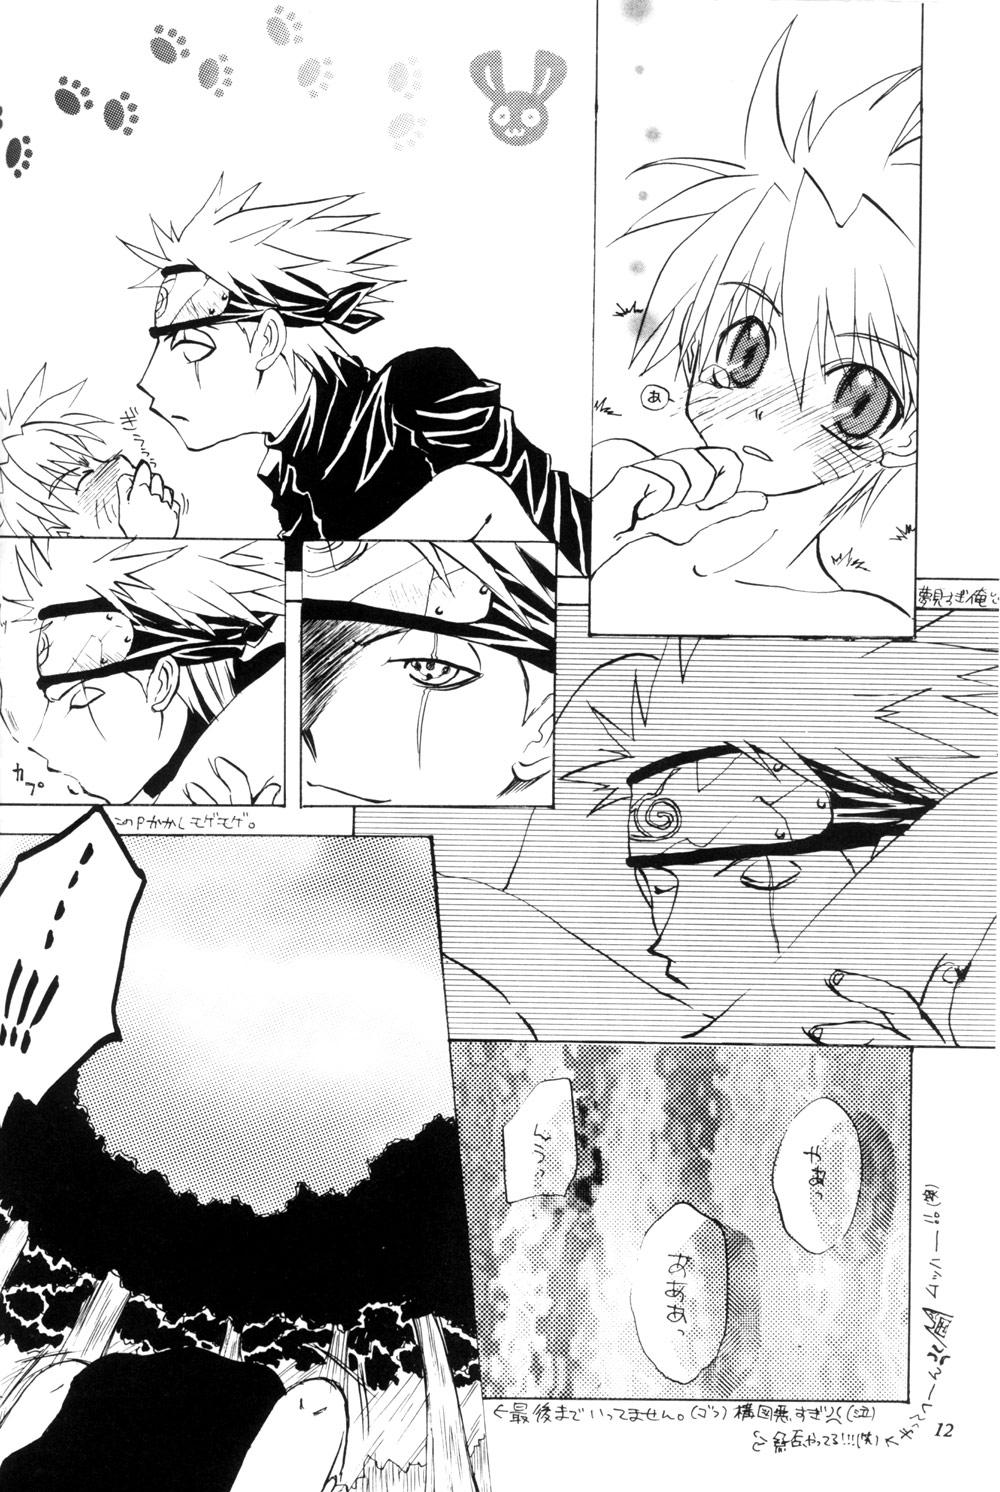 Watch Out!! (NARUTO) [Kakashi X Naruto - Sasuke X Naruto] YAOI 11